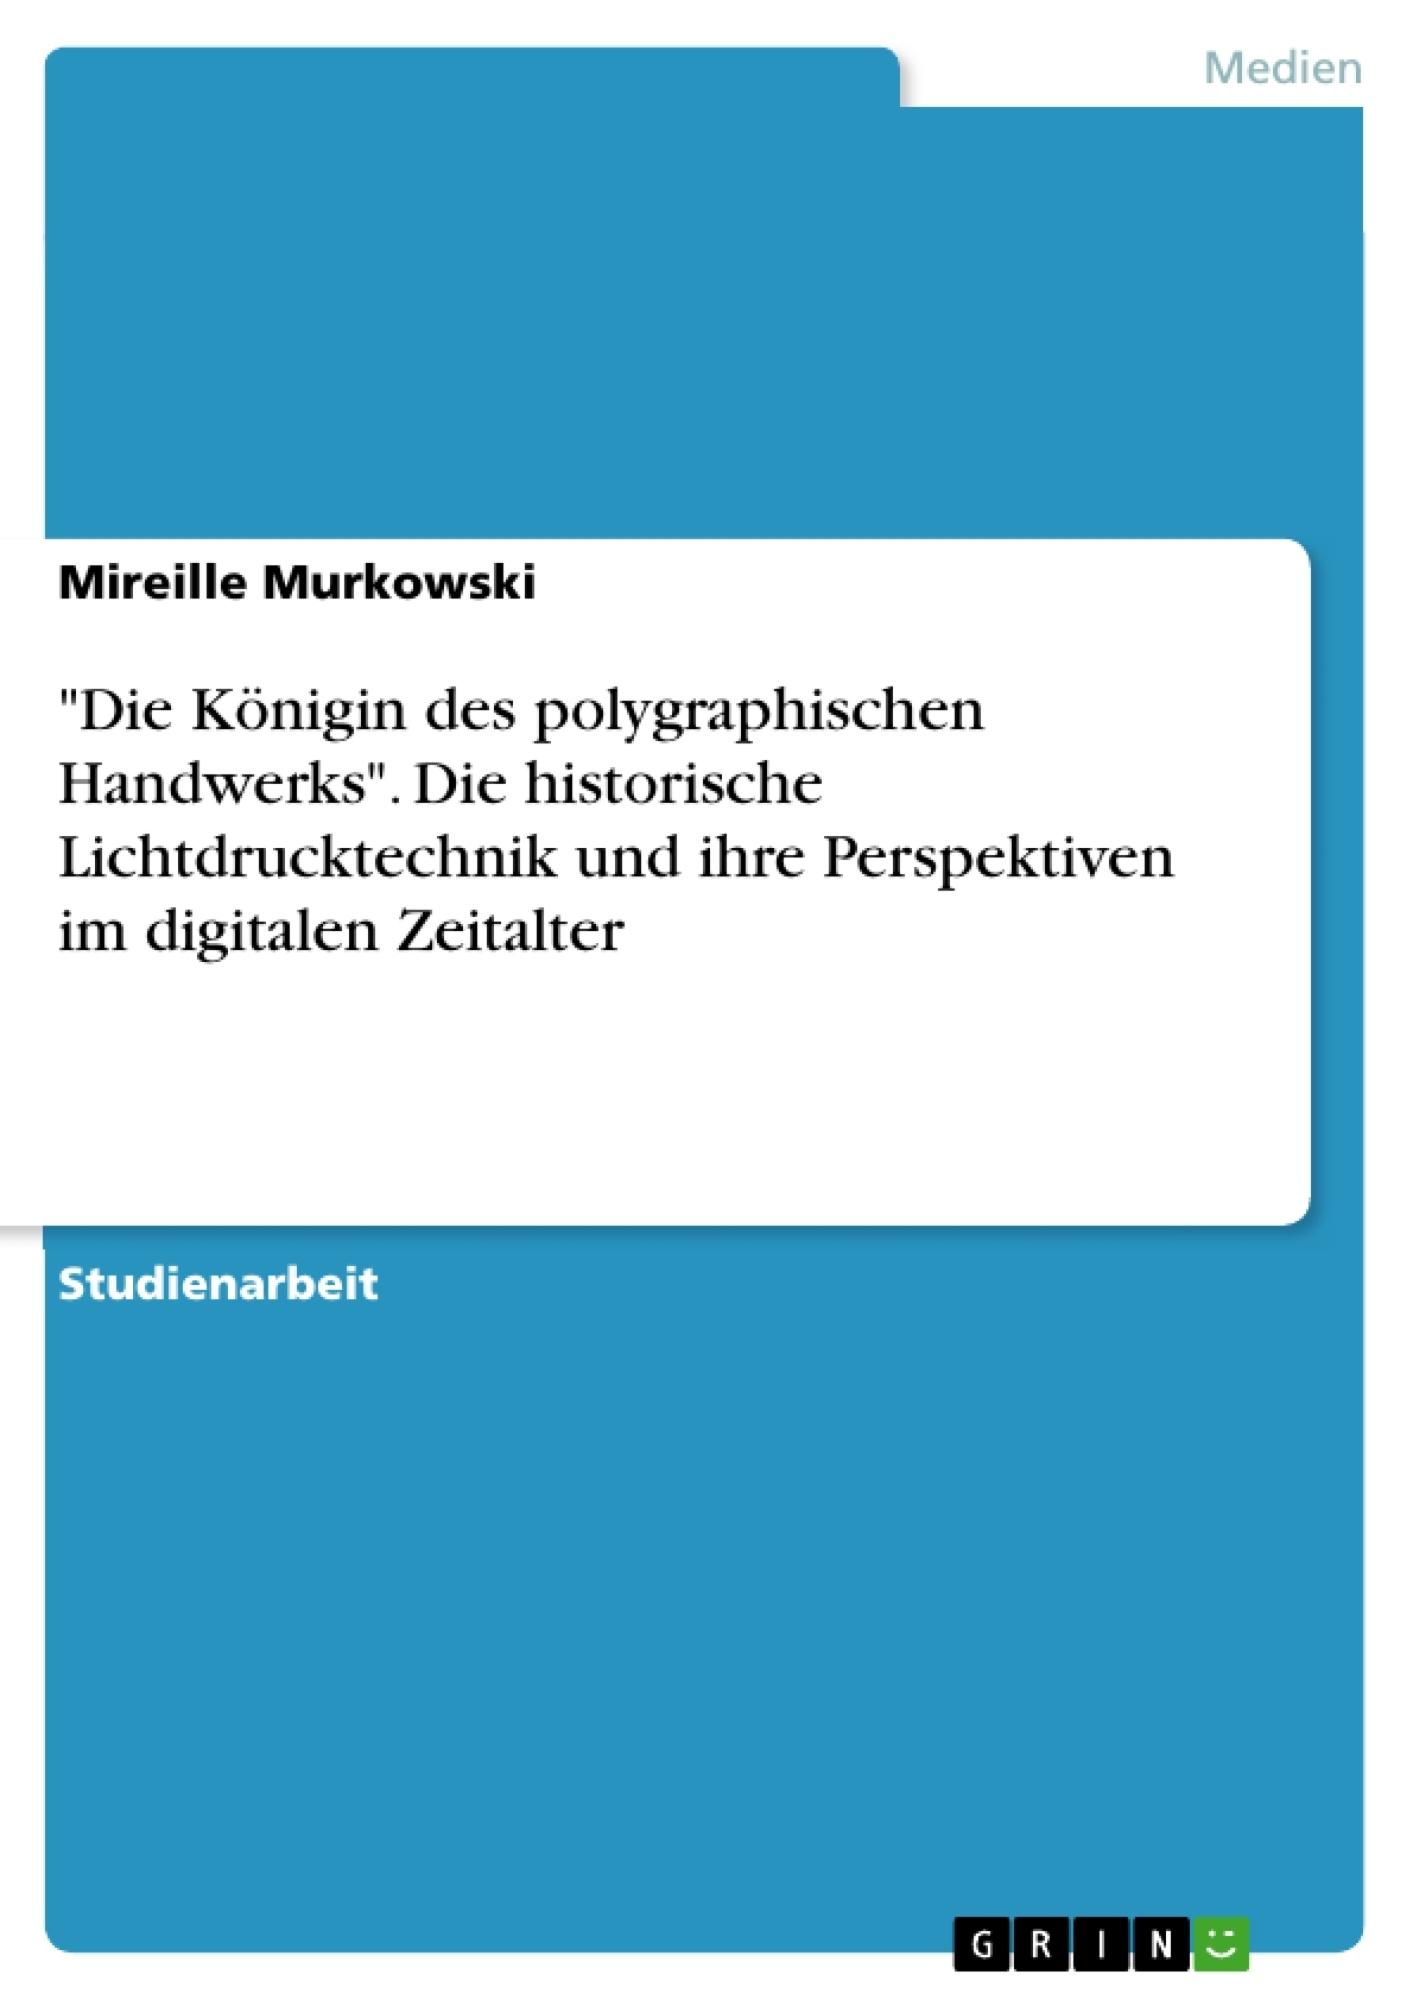 """Titel: """"Die Königin des polygraphischen Handwerks"""". Die historische Lichtdrucktechnik und ihre Perspektiven im digitalen Zeitalter"""